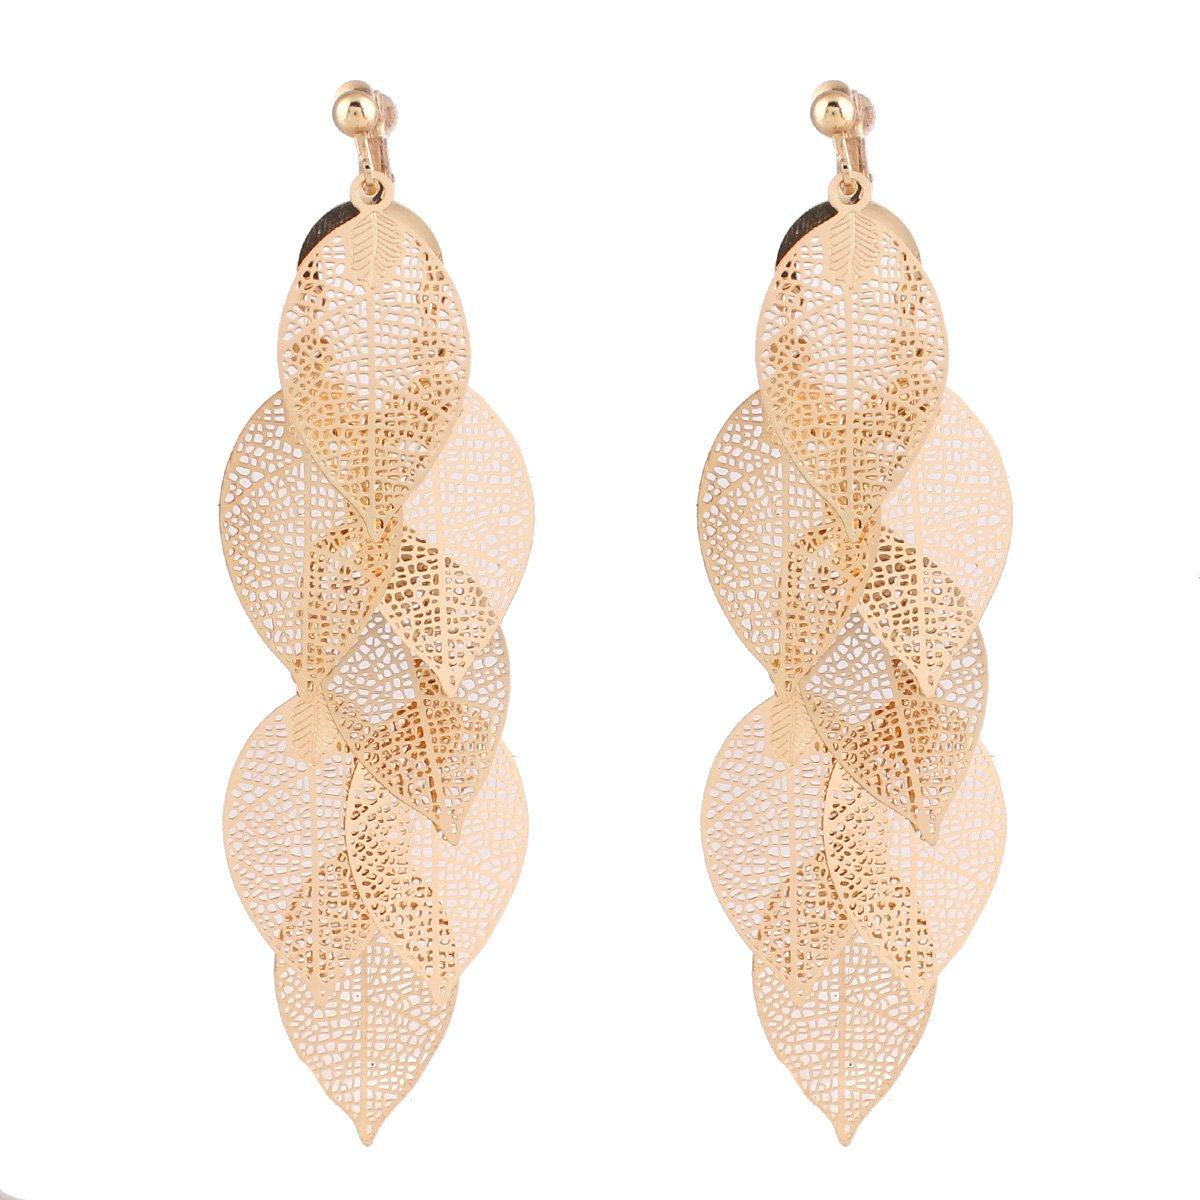 Grace Jun New Handmade Multi-layer Dangle Drop Earrings and Clip on Earrings No Pierced for Women (Gold Clip-on 1) by GRACE JUN